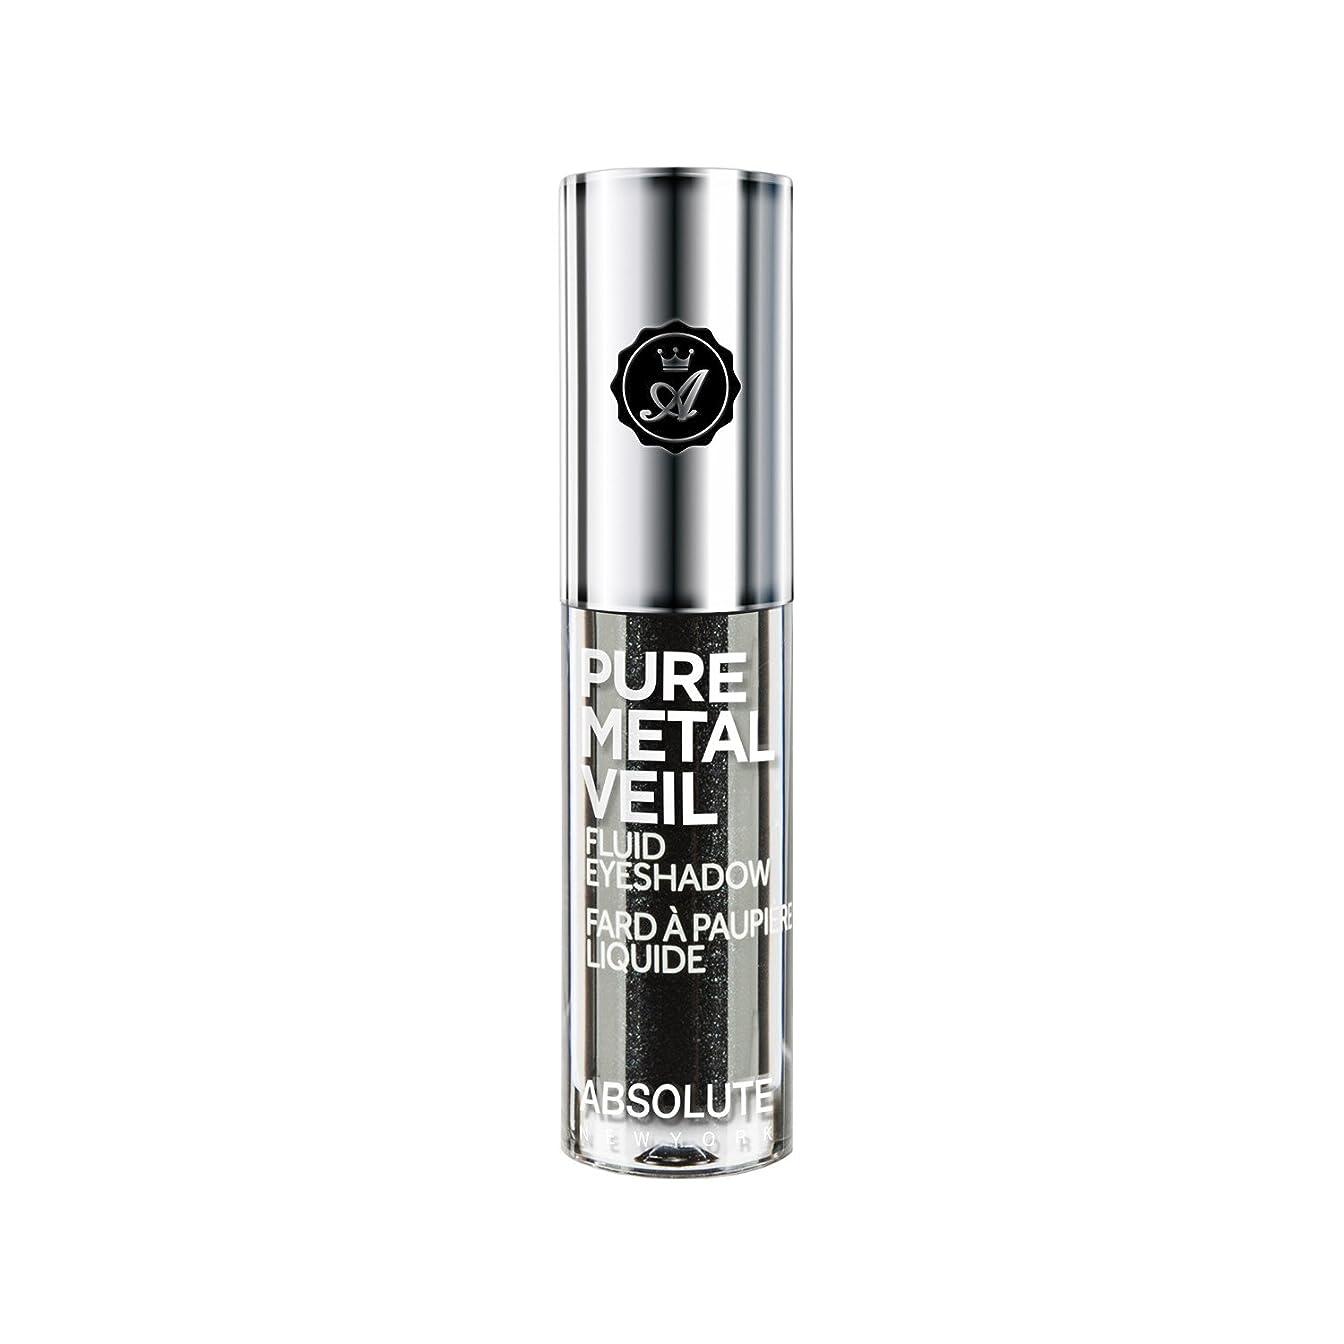 肺聴覚障害者が欲しい(3 Pack) ABSOLUTE Pure Metal Veil Fluid Eyeshadow - Blackout (並行輸入品)